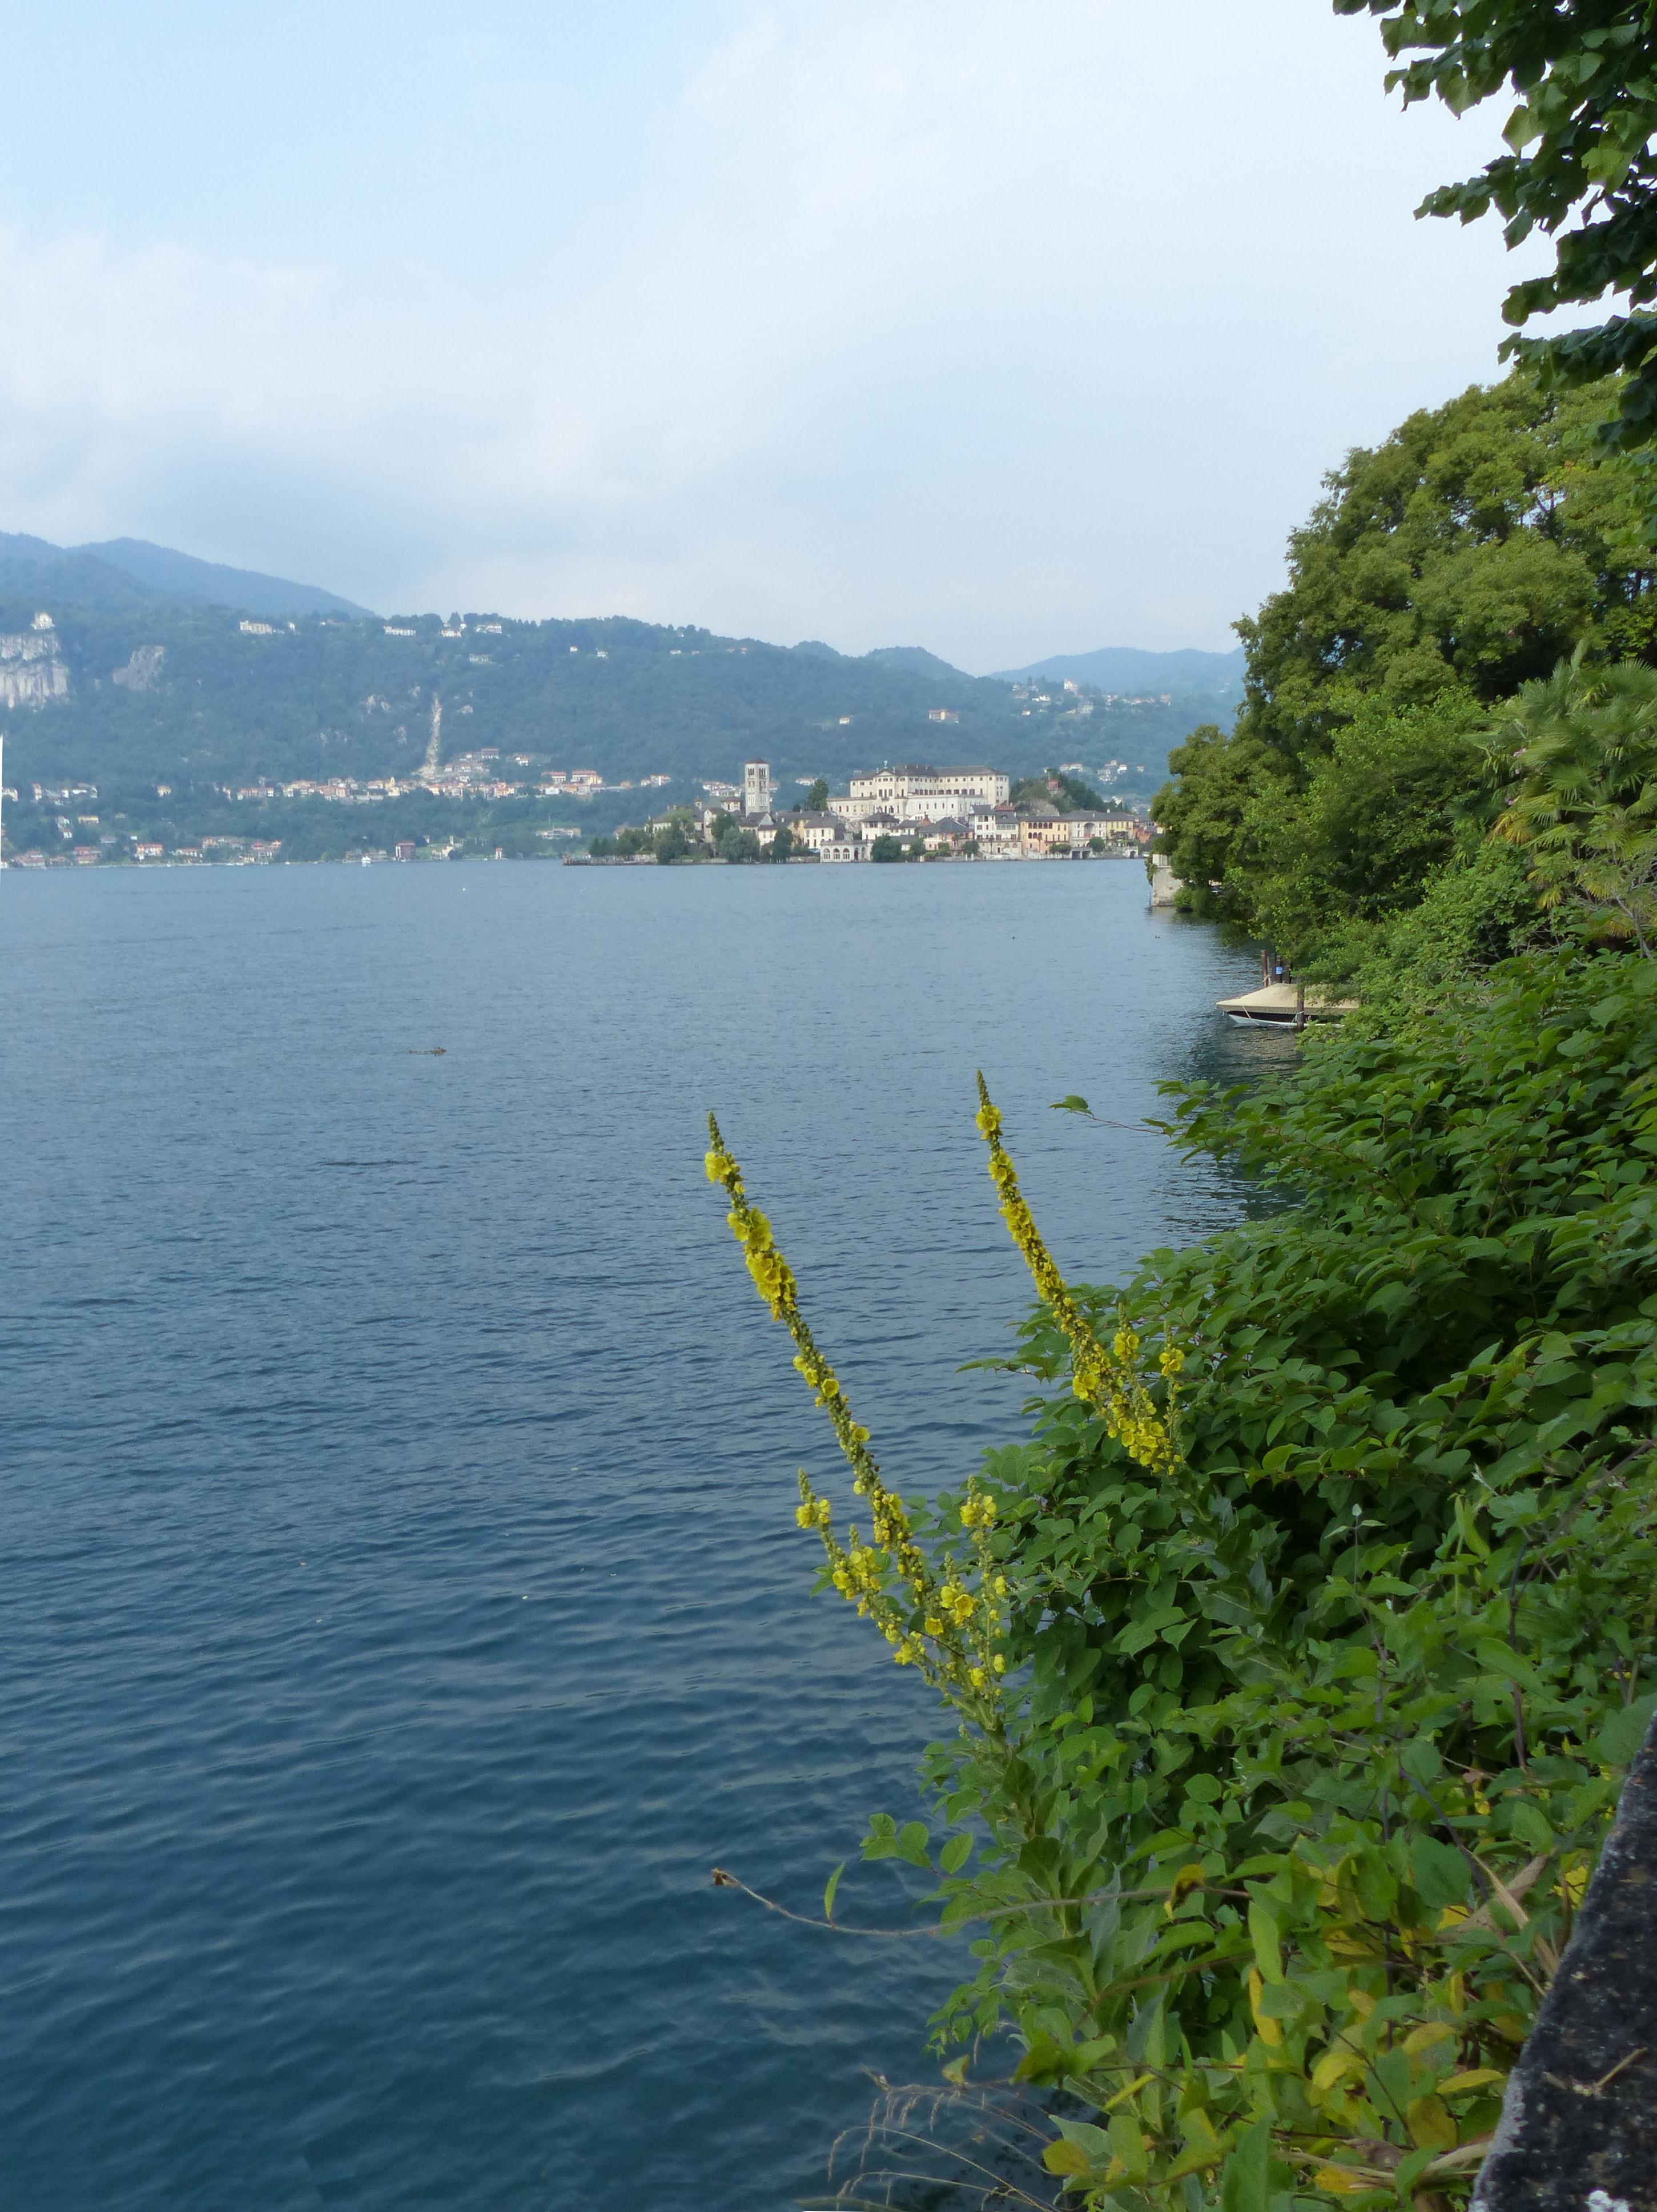 © Dipartimento di Scienze della Vita, Università di Trieste<br>by Andrea Moro<br>Comune di Orta San Giulio, passeggiata lungo il lago, NO, Piemonte, Italia, 23/07/2012<br>Distributed under CC-BY-SA 4.0 license.